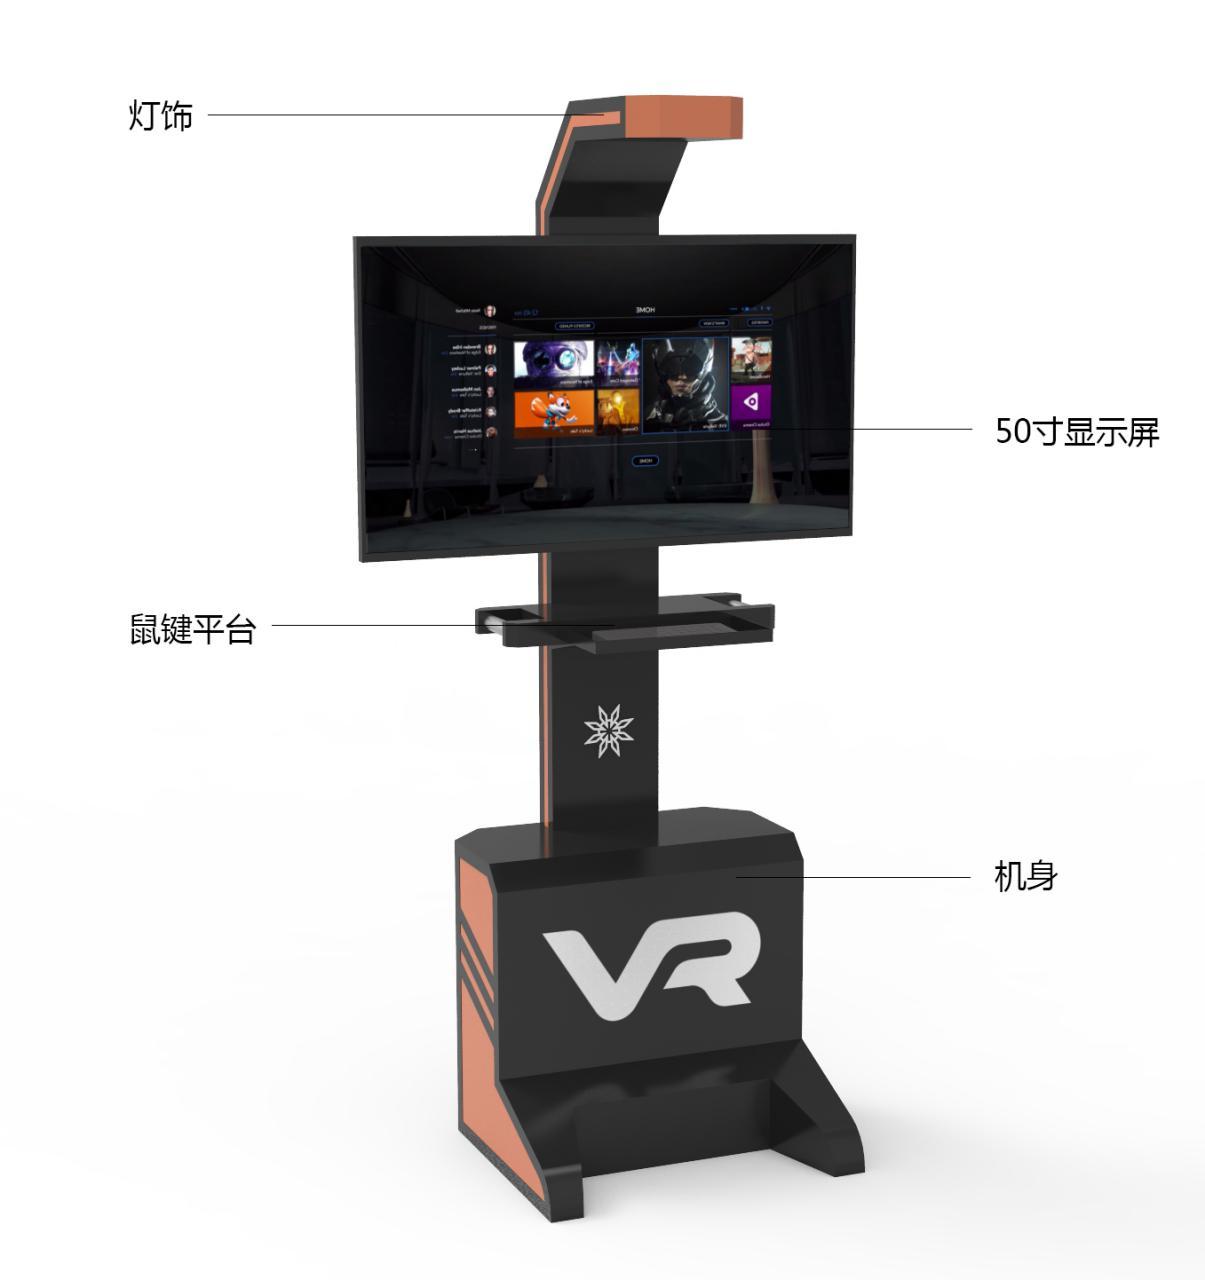 立式VR体验一体机/PZ-50BHP--广州磐众智能科技有限公司